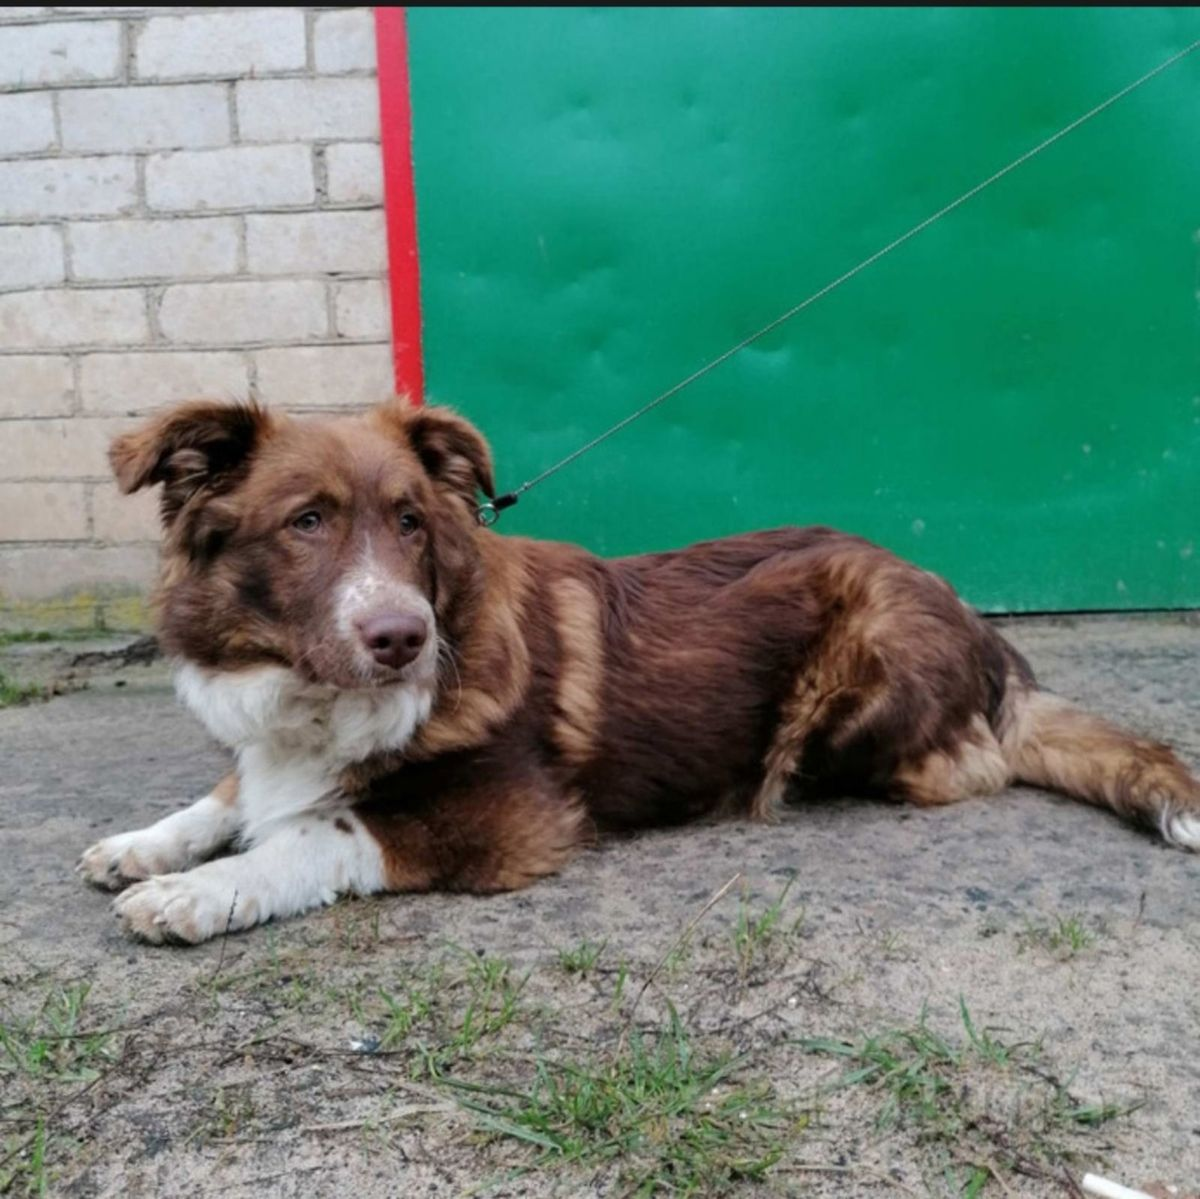 Собака Тоша ждет добрых людей, которые примут его в свою семью. Фото: Людмила ШИБУТ